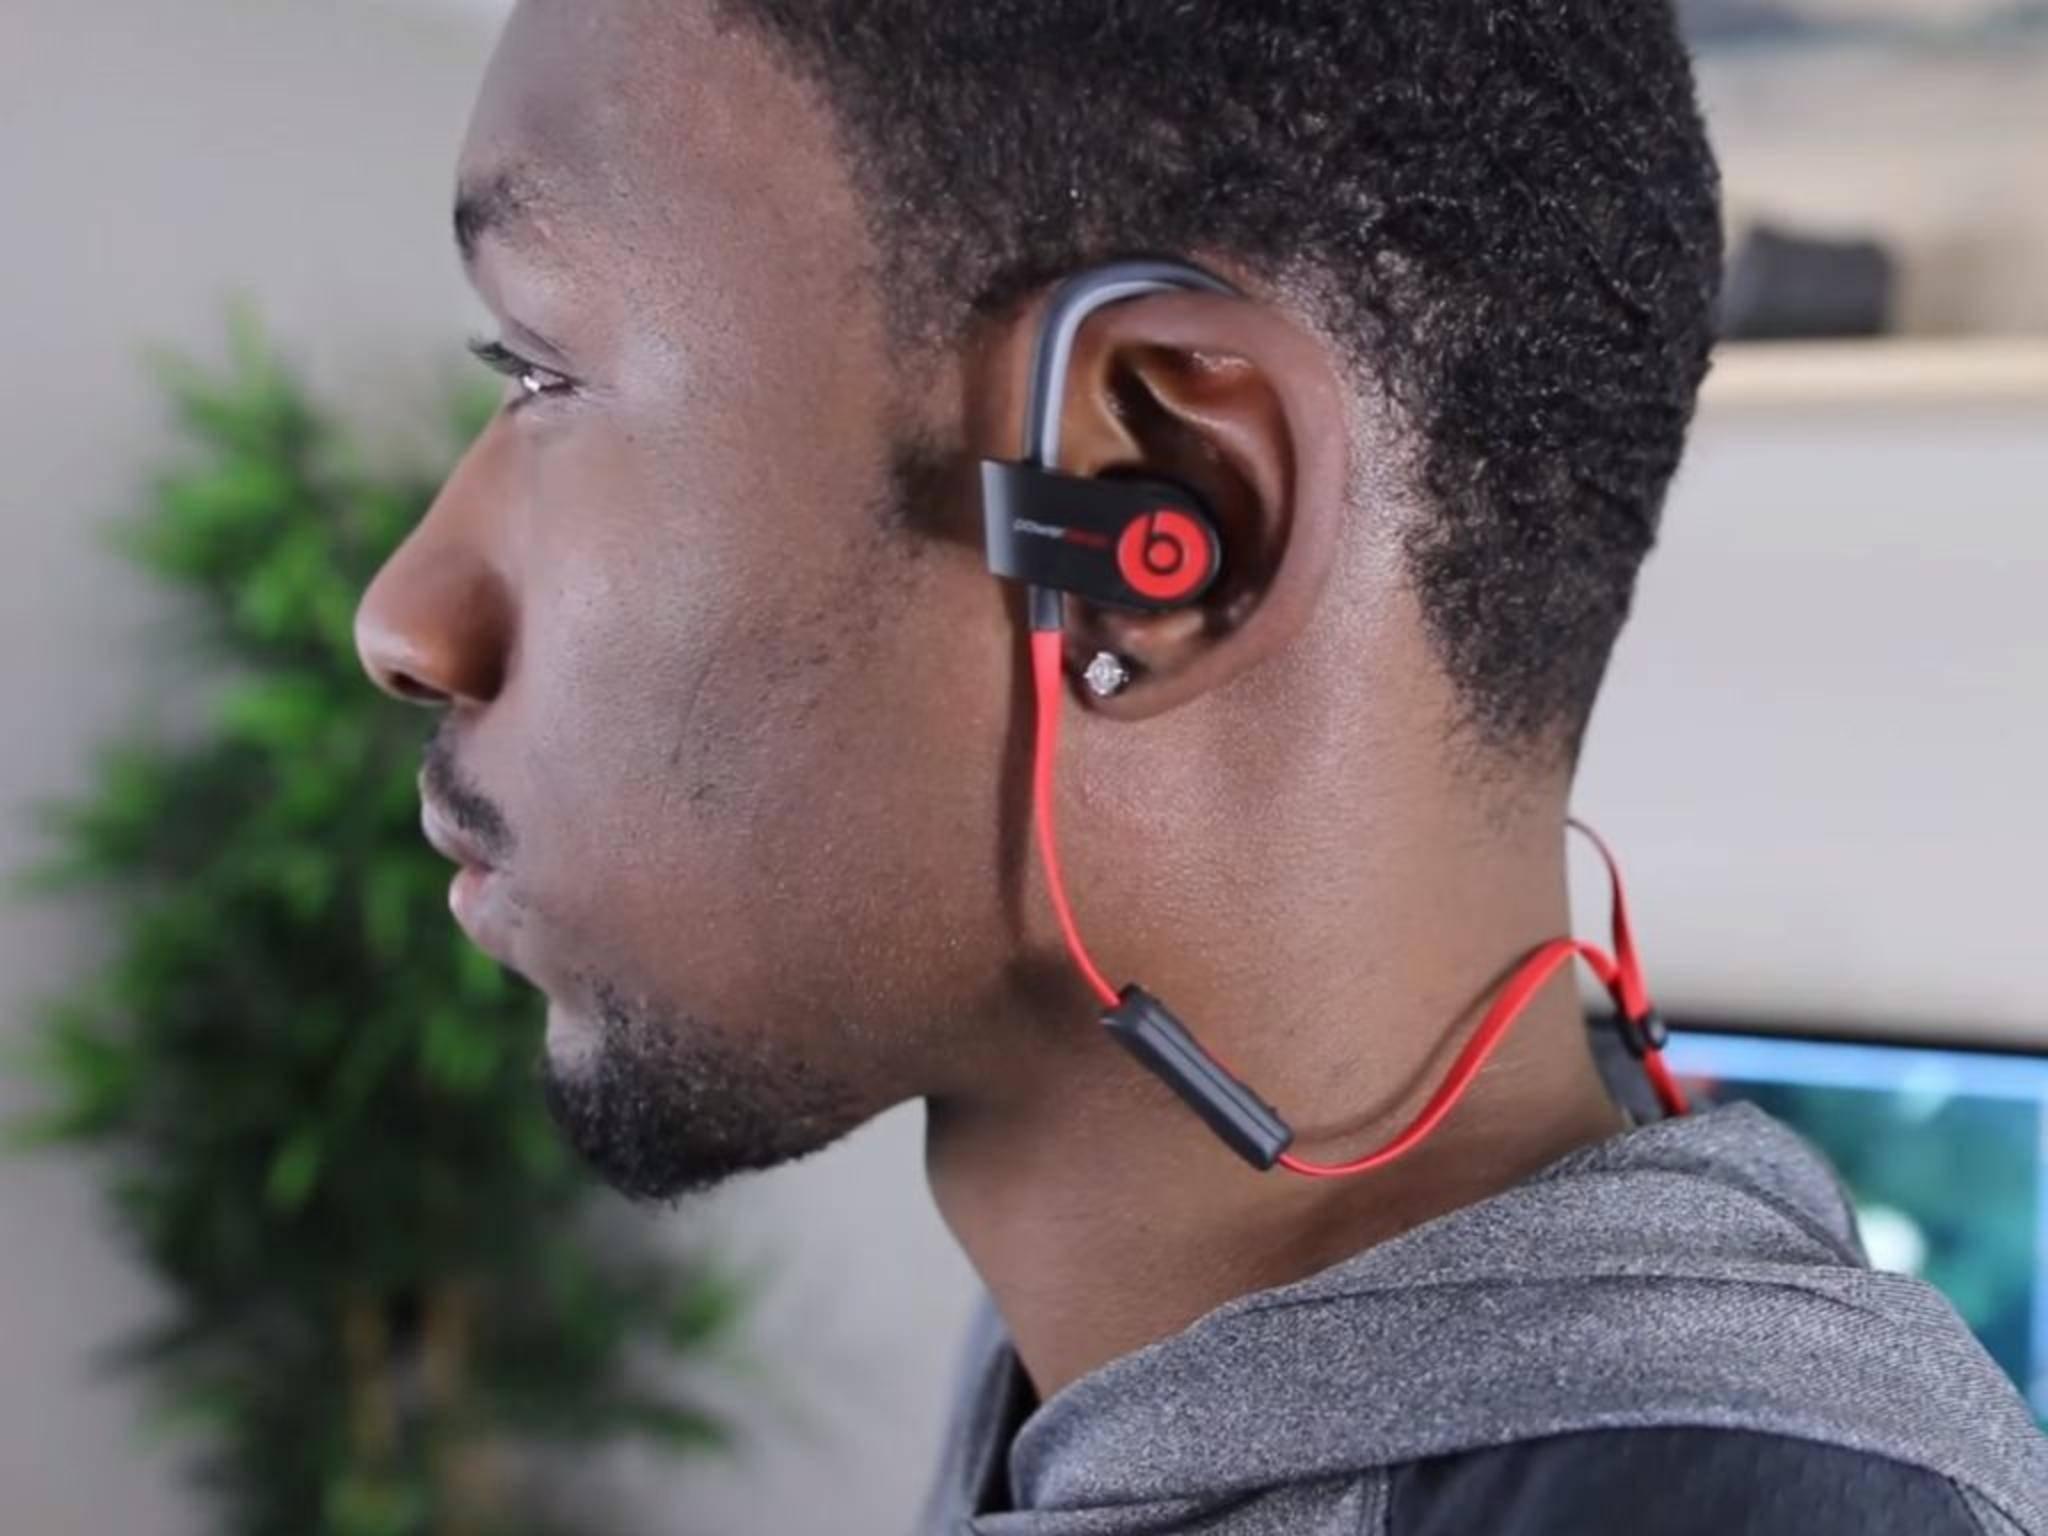 Die Beats-Kopfhörer fürs iPhone 7 sollen komplett ohne Kabel auskommen.